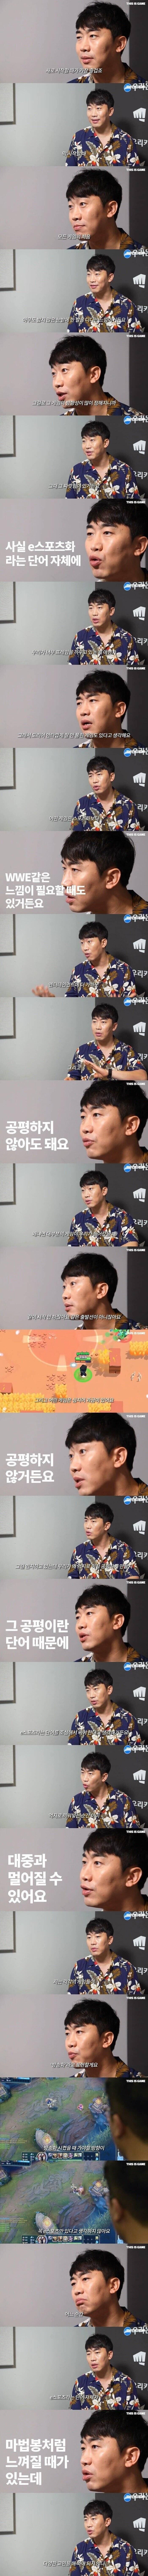 https://image5jvqbd.fmkorea.com/files/attach/new/20201201/486616/2895383638/3232853323/4322d066757dd8ae9ccc3868eec1f281.jpeg